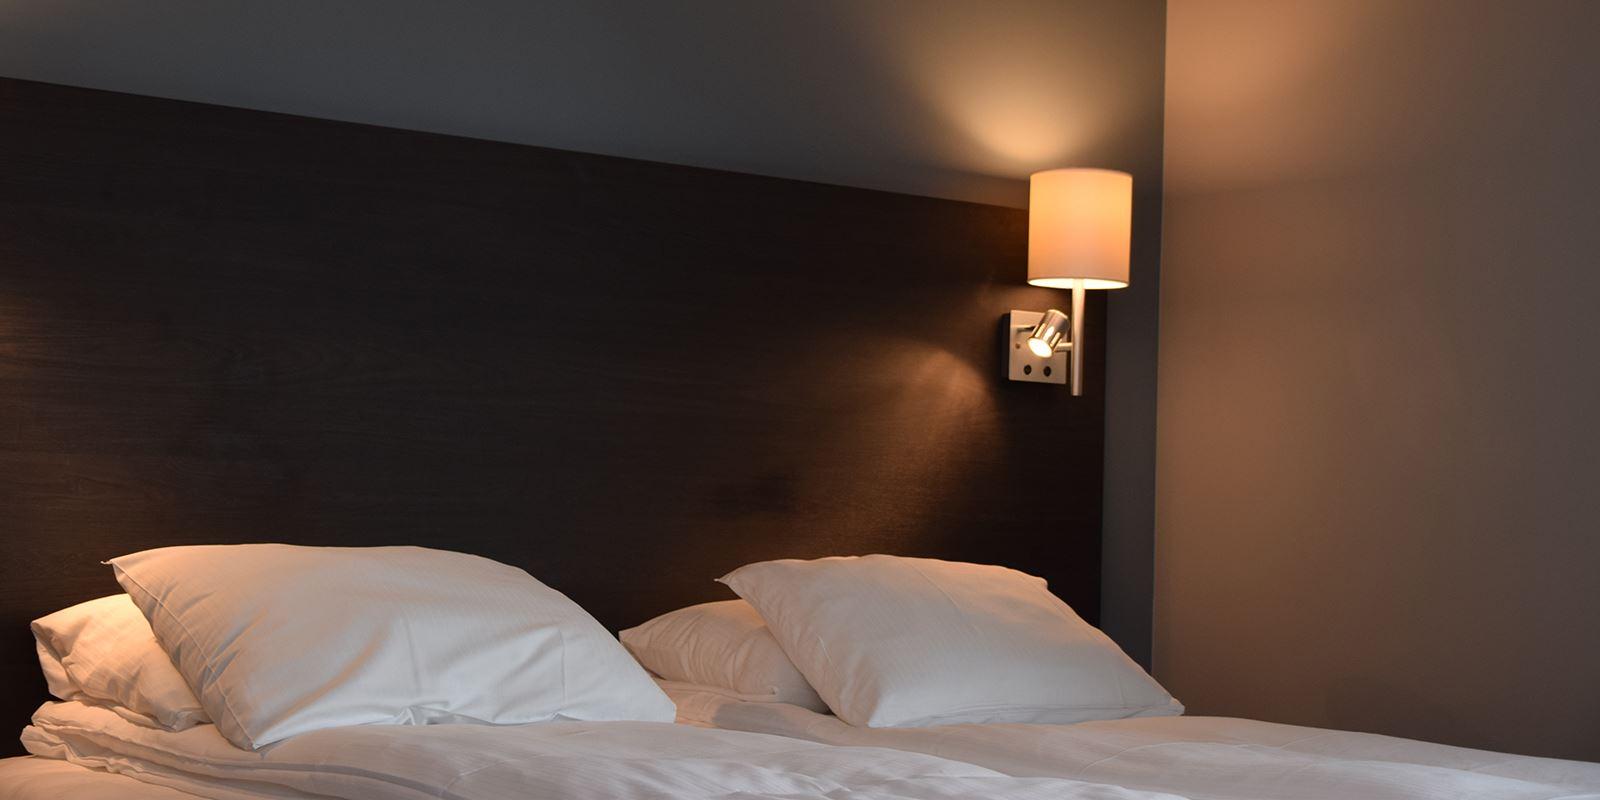 Seng i standard dobbeltrom på Thon Hotel Måløy